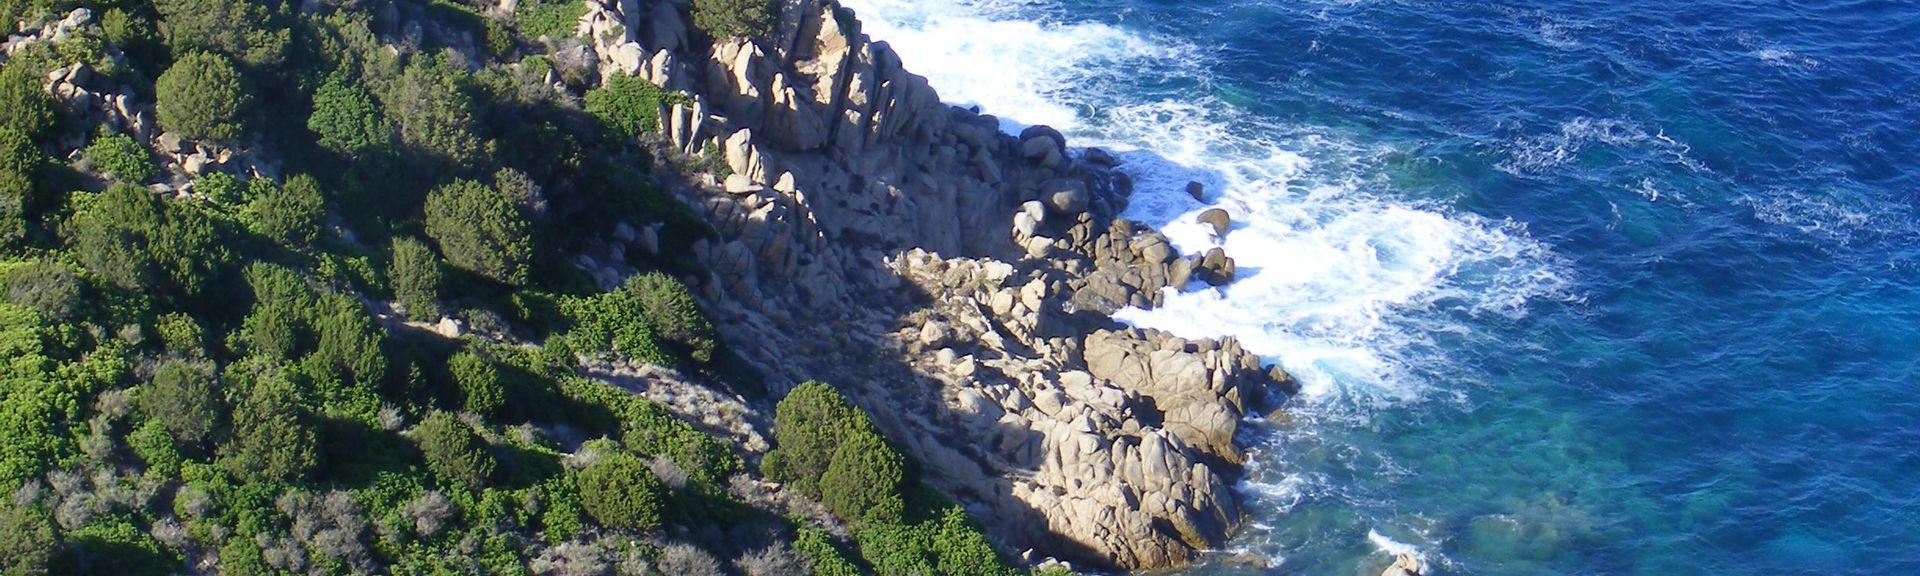 Azilone-Ampaza, Corse-du-Sud, França